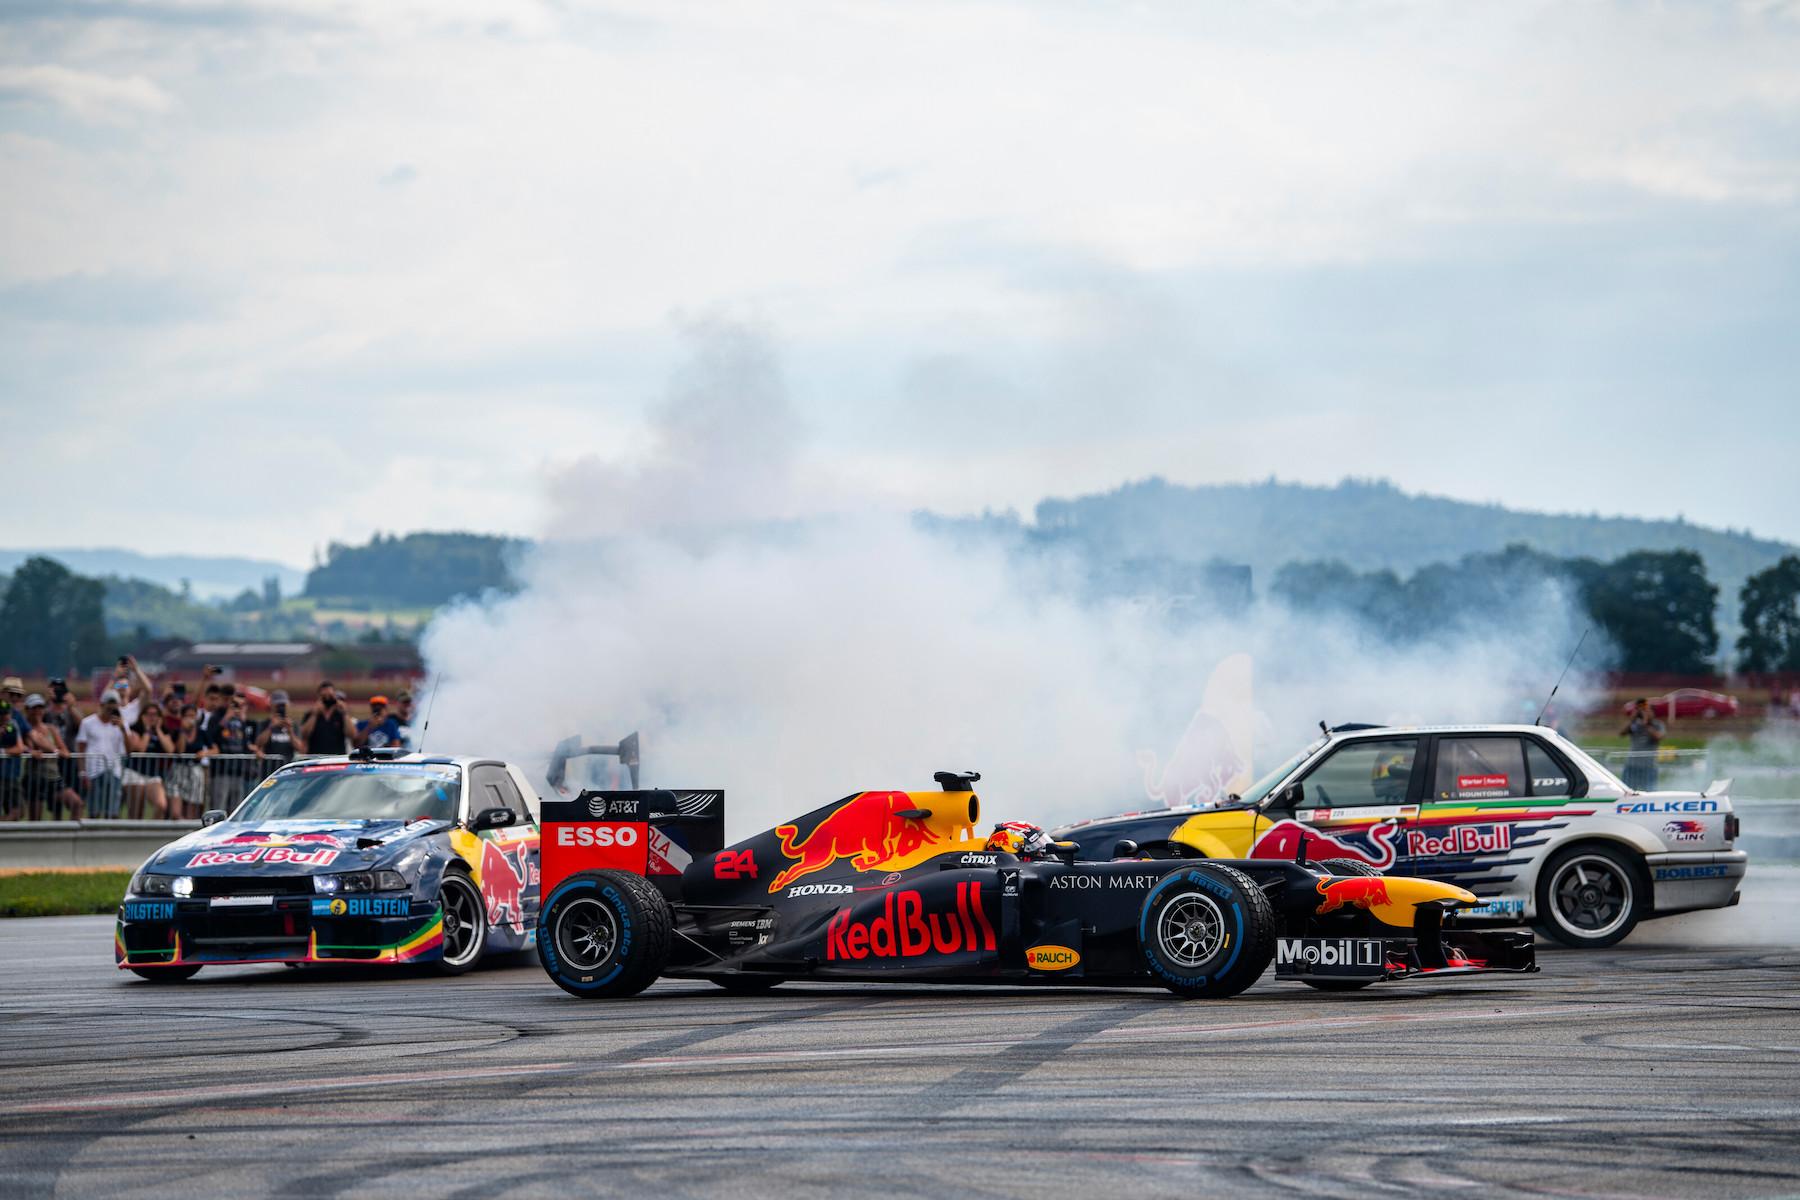 2019 Red Bull at Switzerland 14.jpg